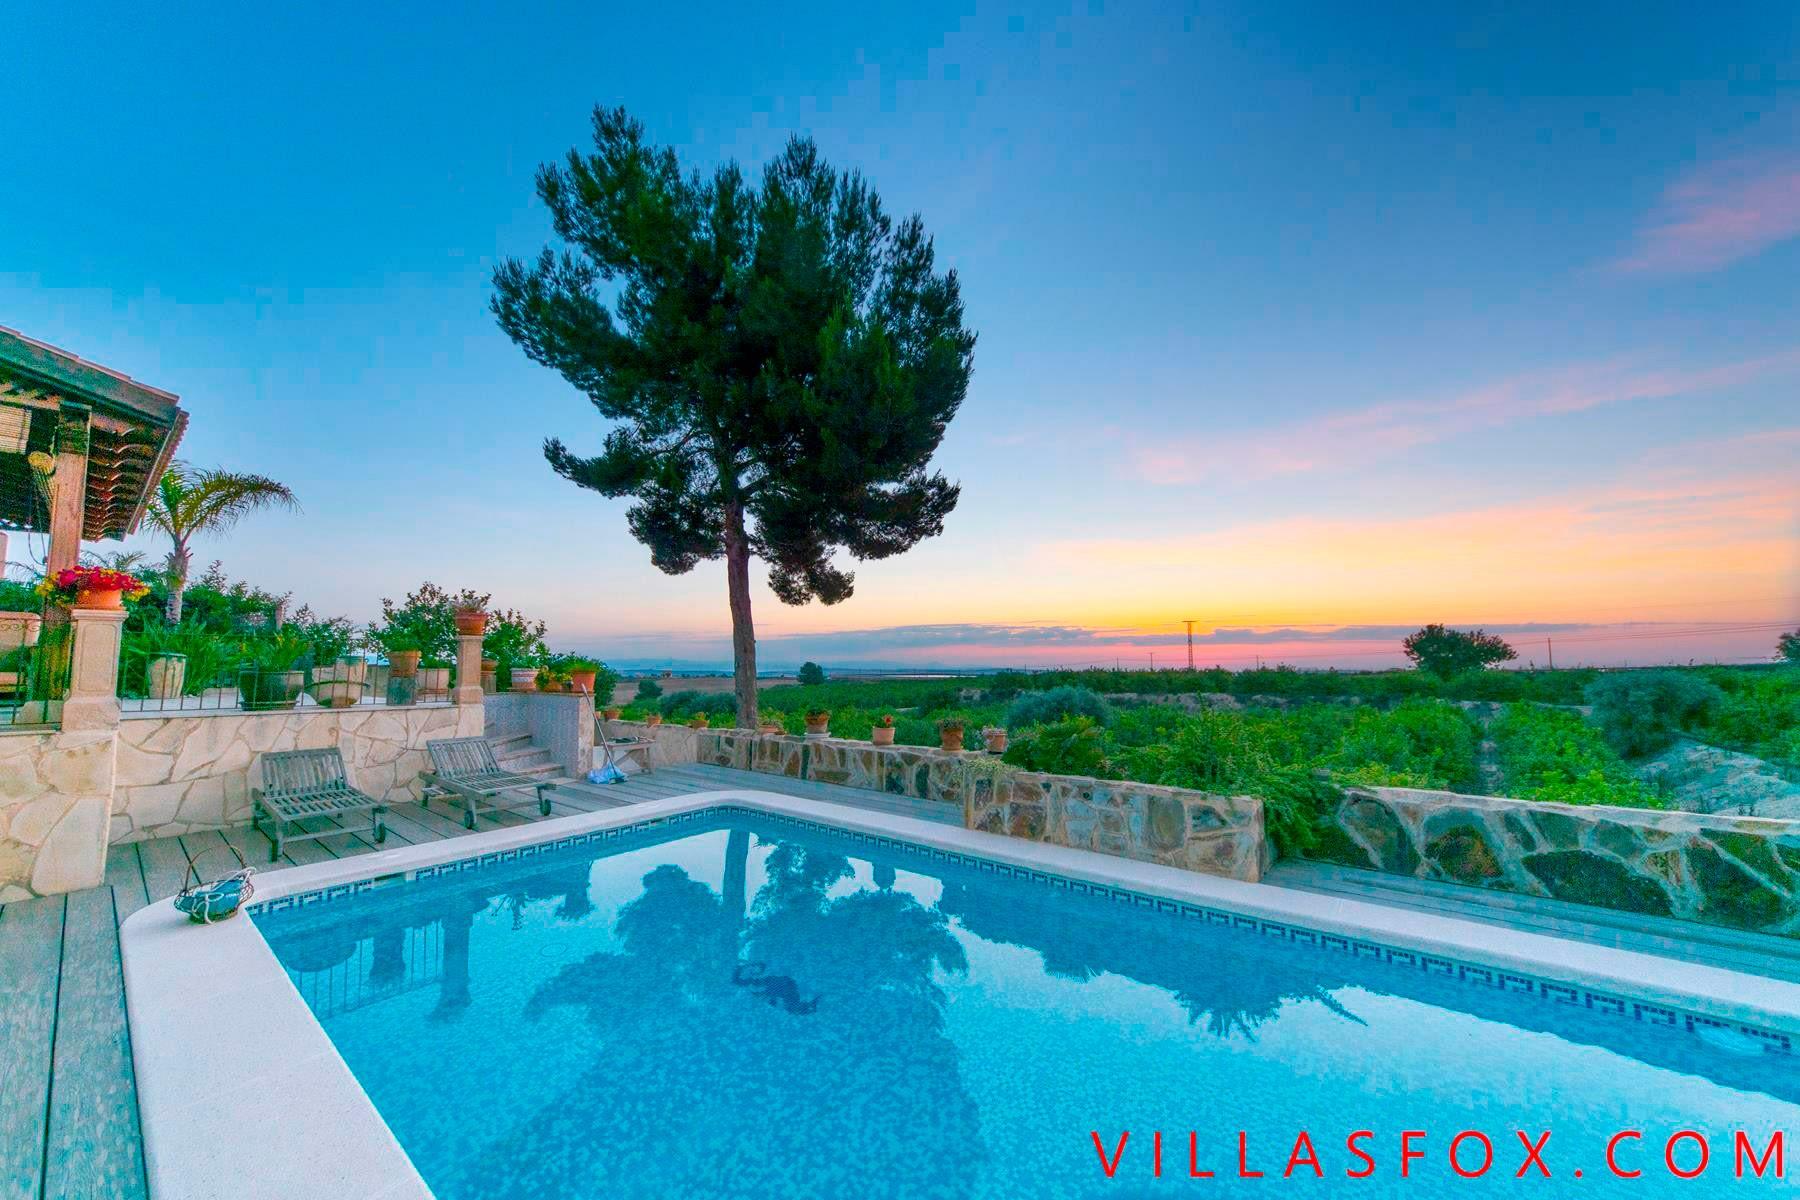 San Miguel de Salinas villa with guest cabin, and superb views